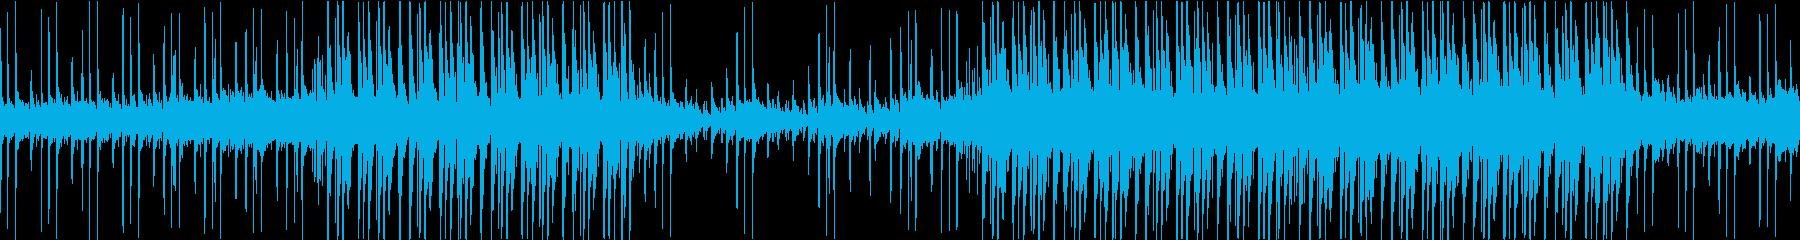 しっとり落ち着いたエレクトロミュージックの再生済みの波形